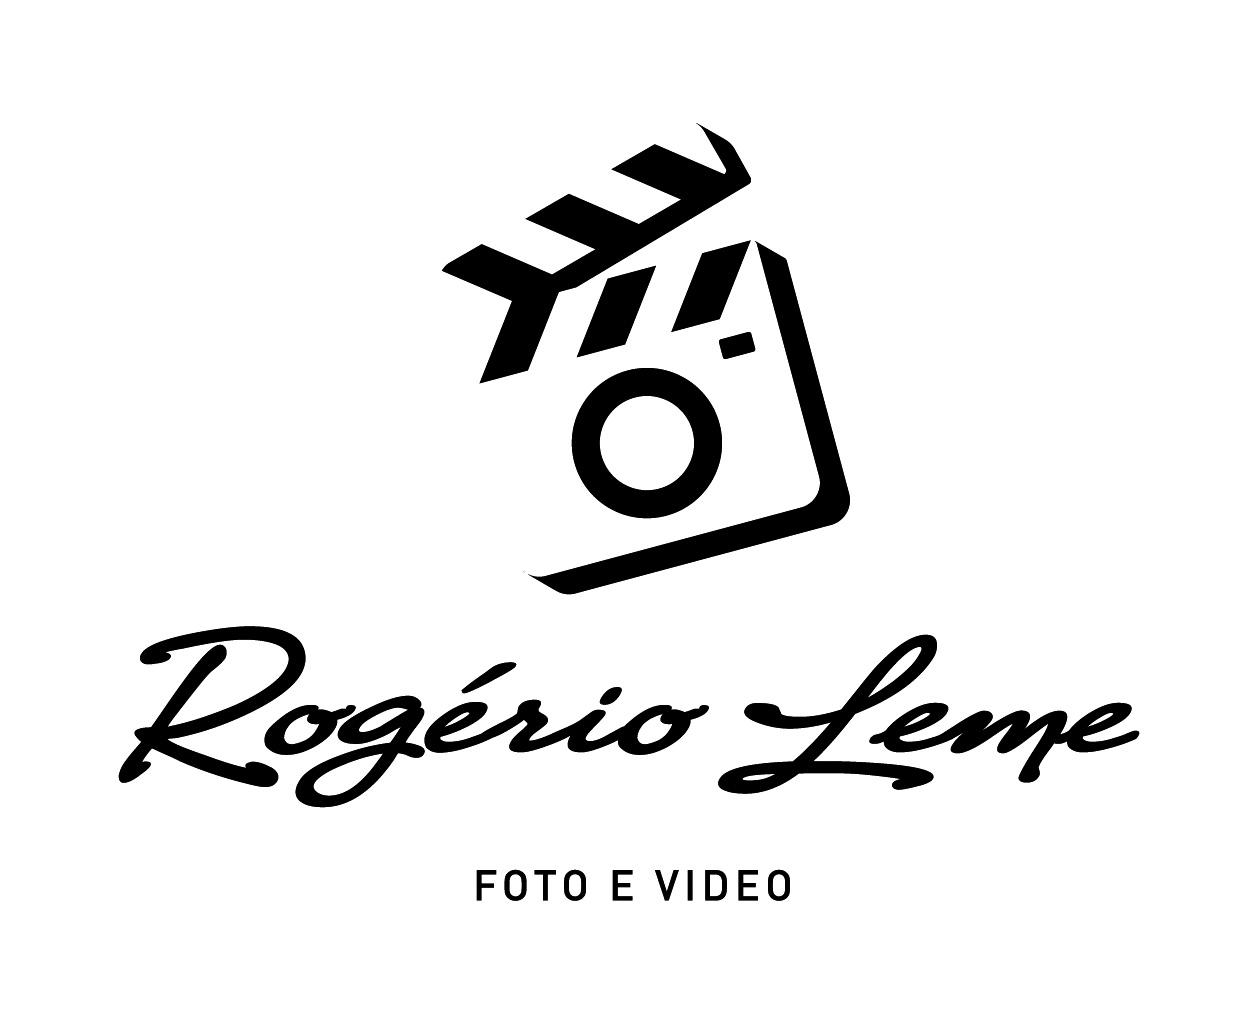 Rogério Leme